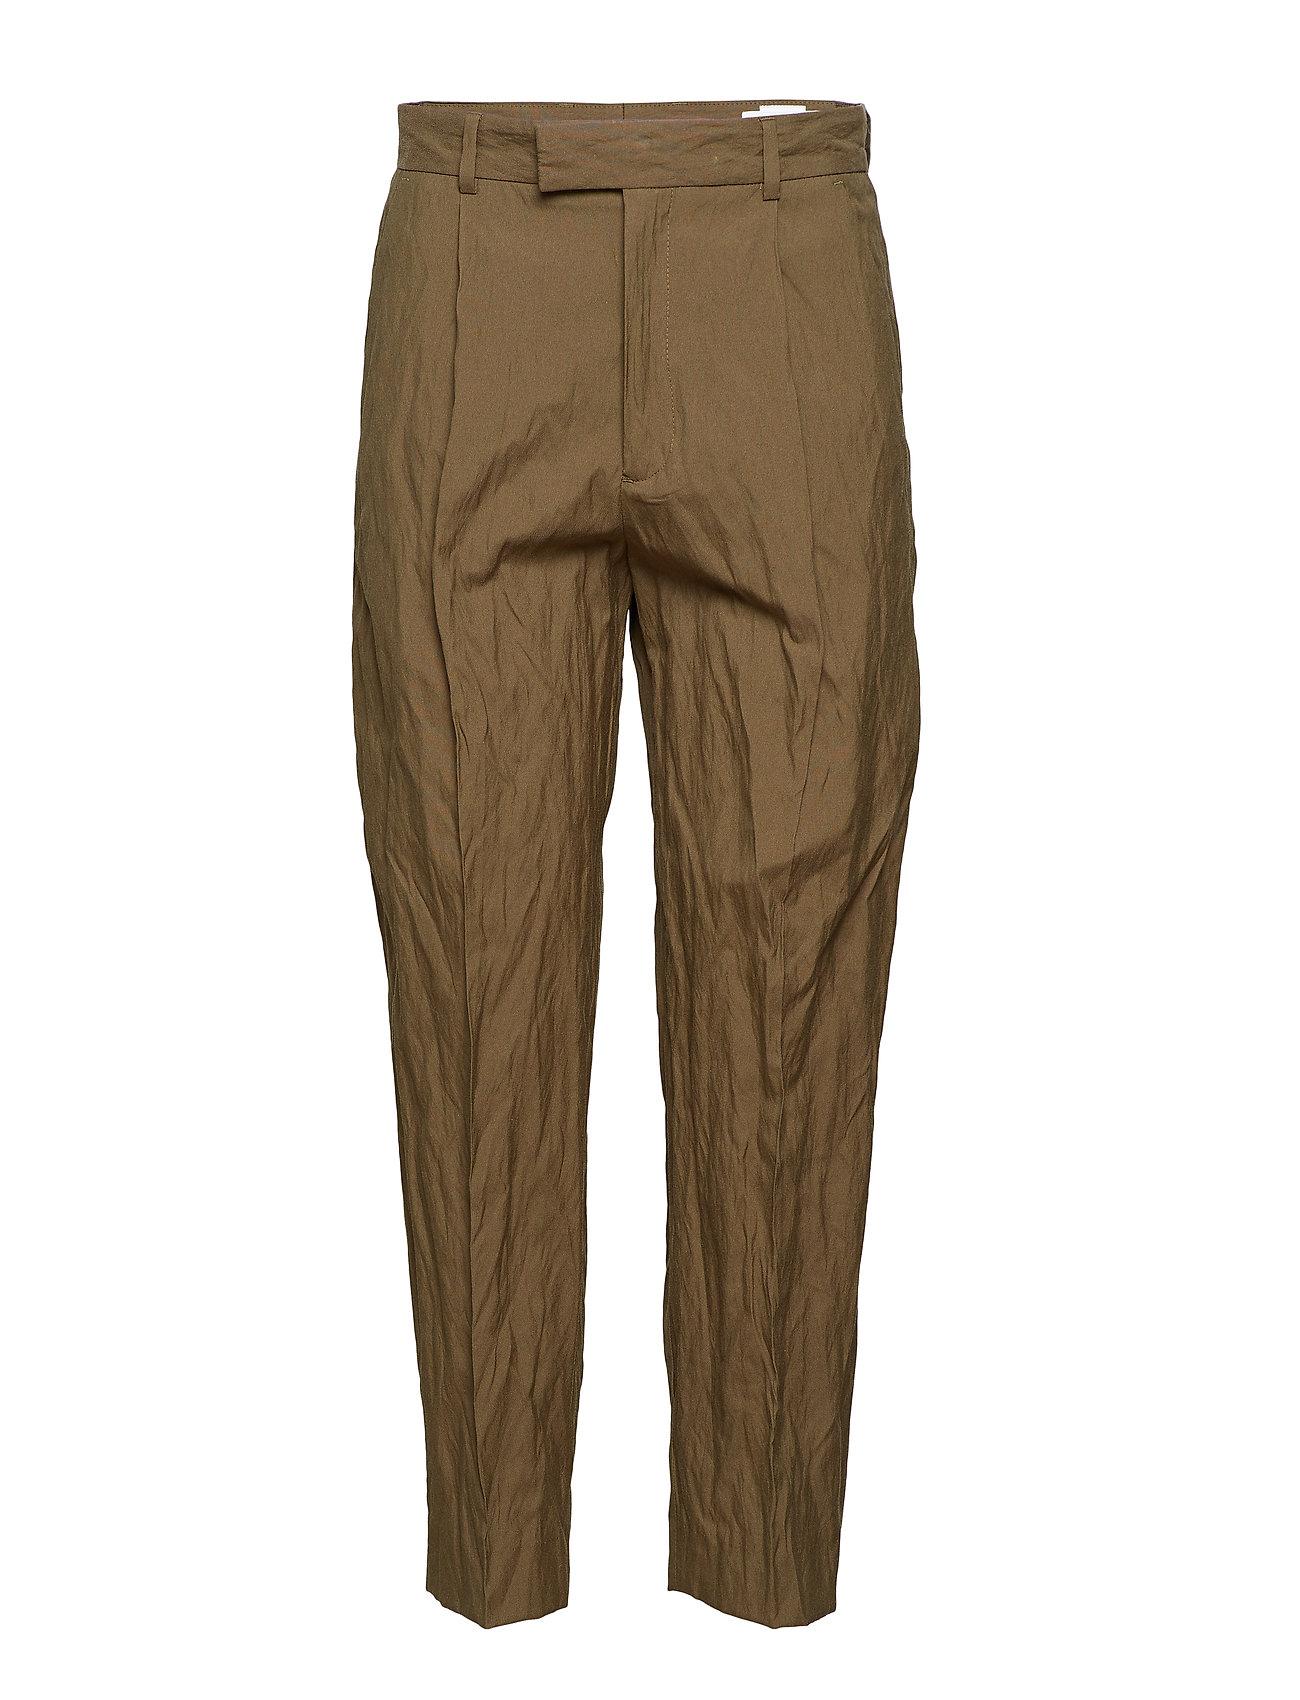 Image of Alta Trouser Bukser Med Lige Ben Brun Hope (3092618165)